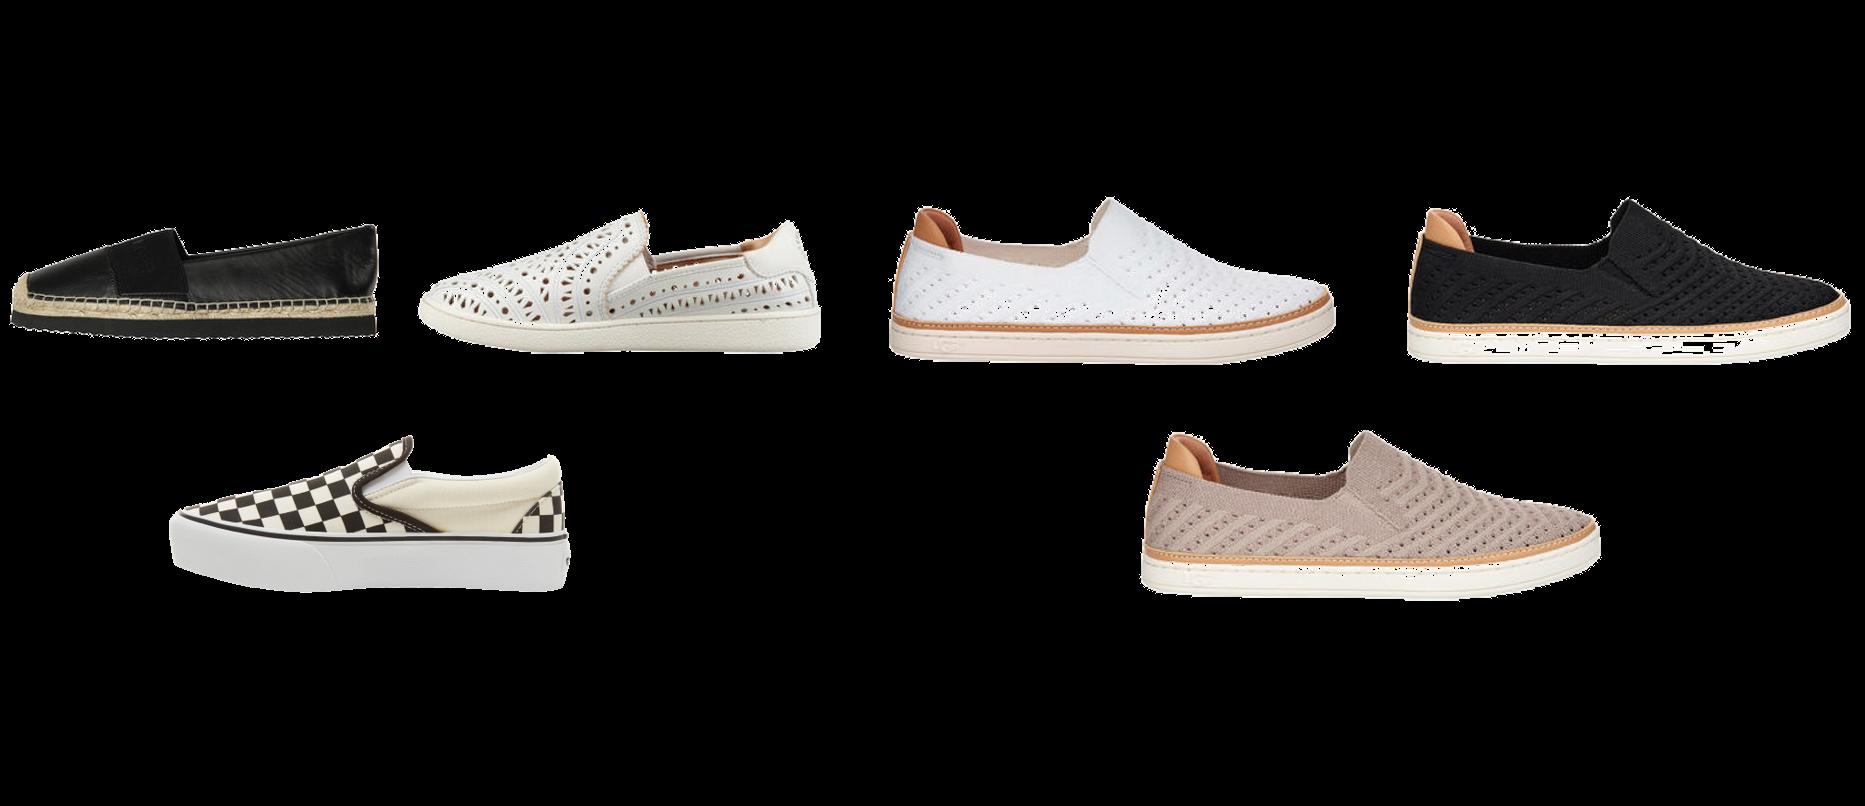 Flache Schuhe - Slipper